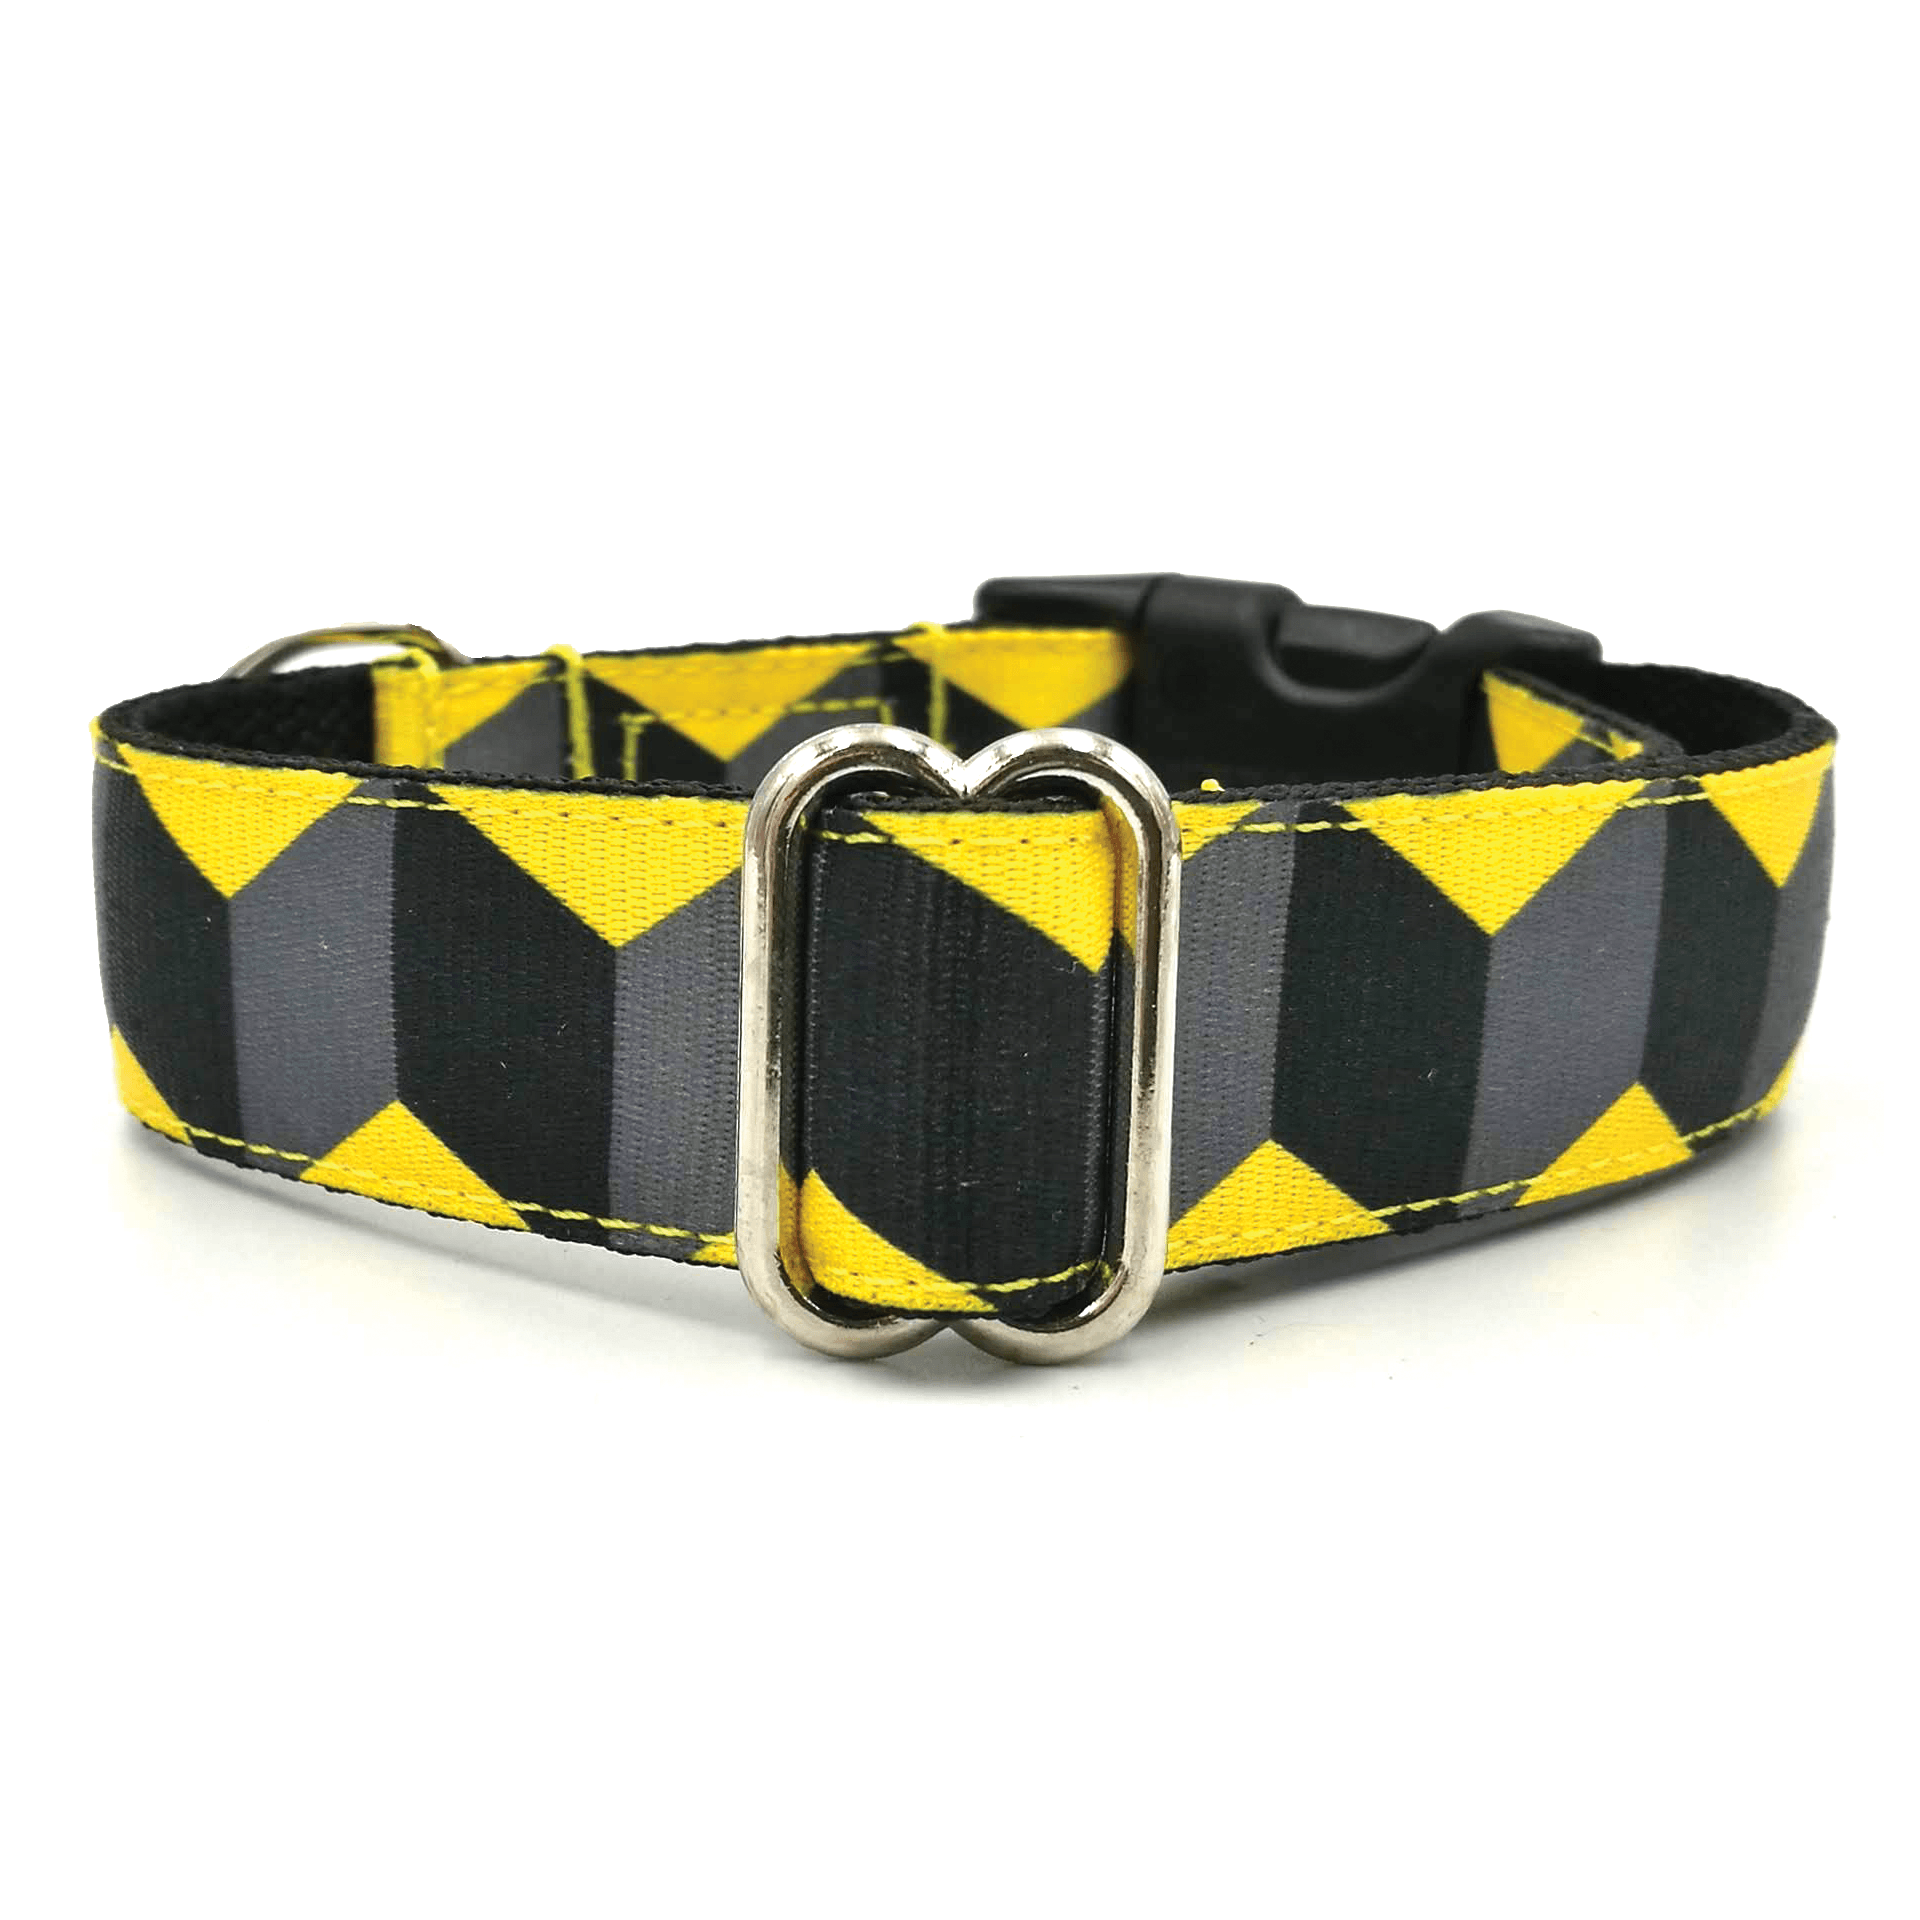 Cube dog collar